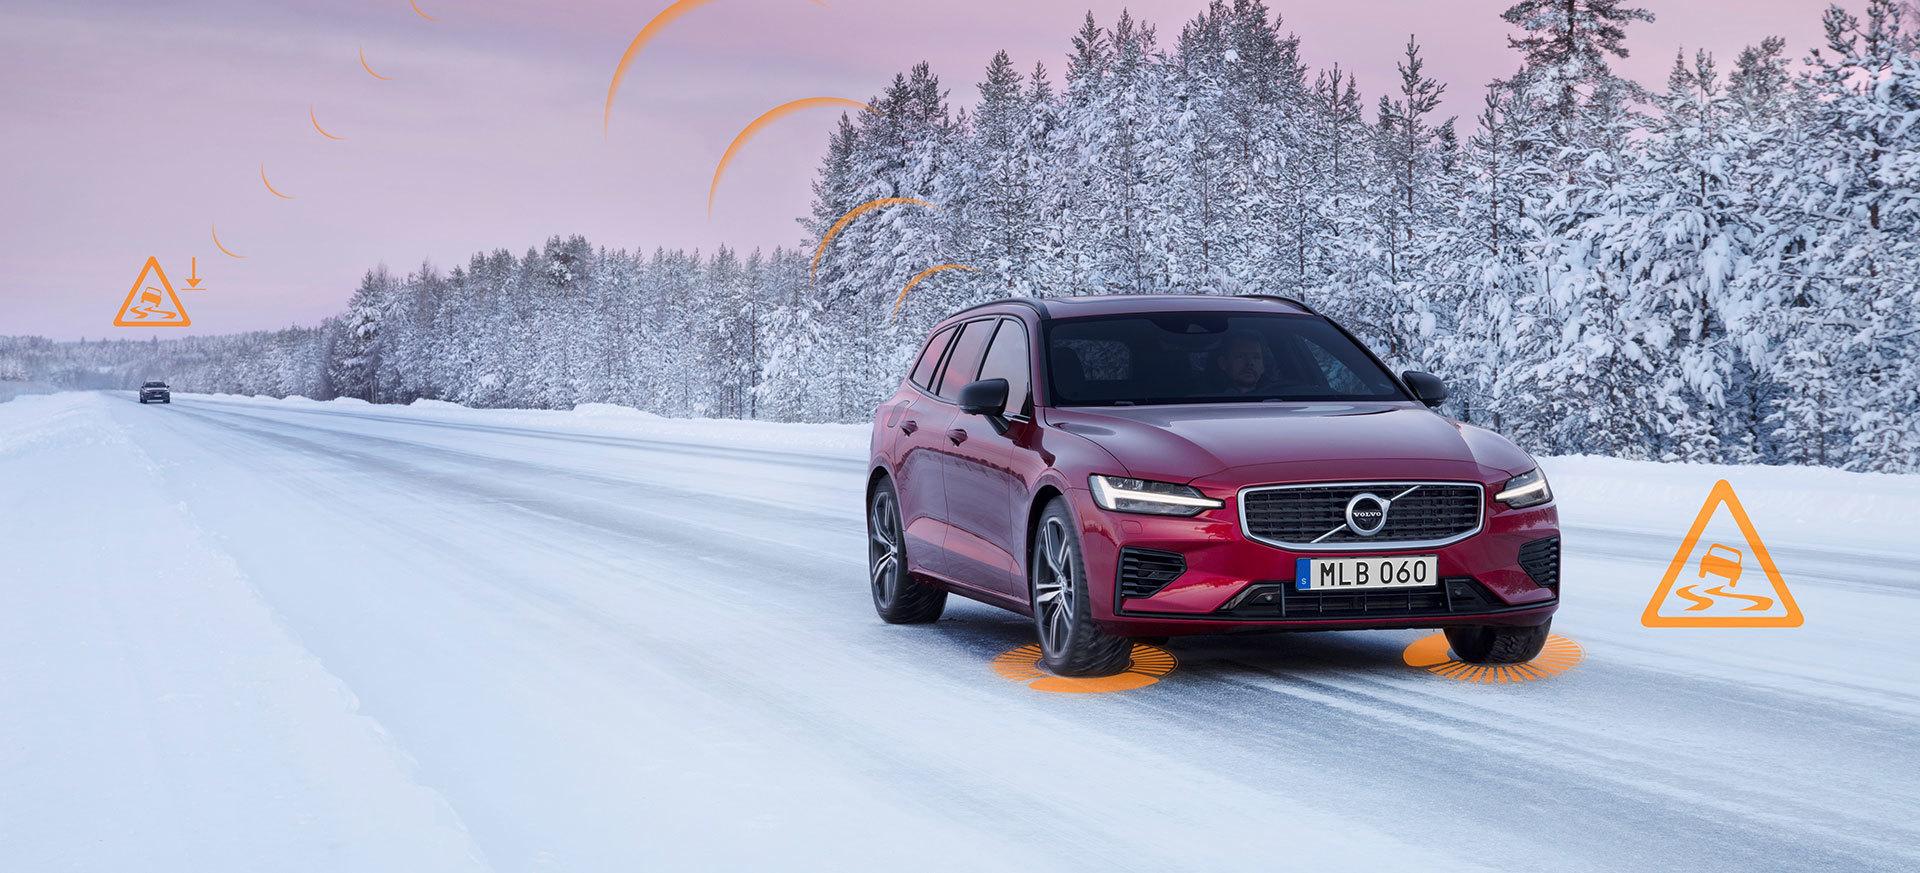 Volvo Slippery Road Alert 03